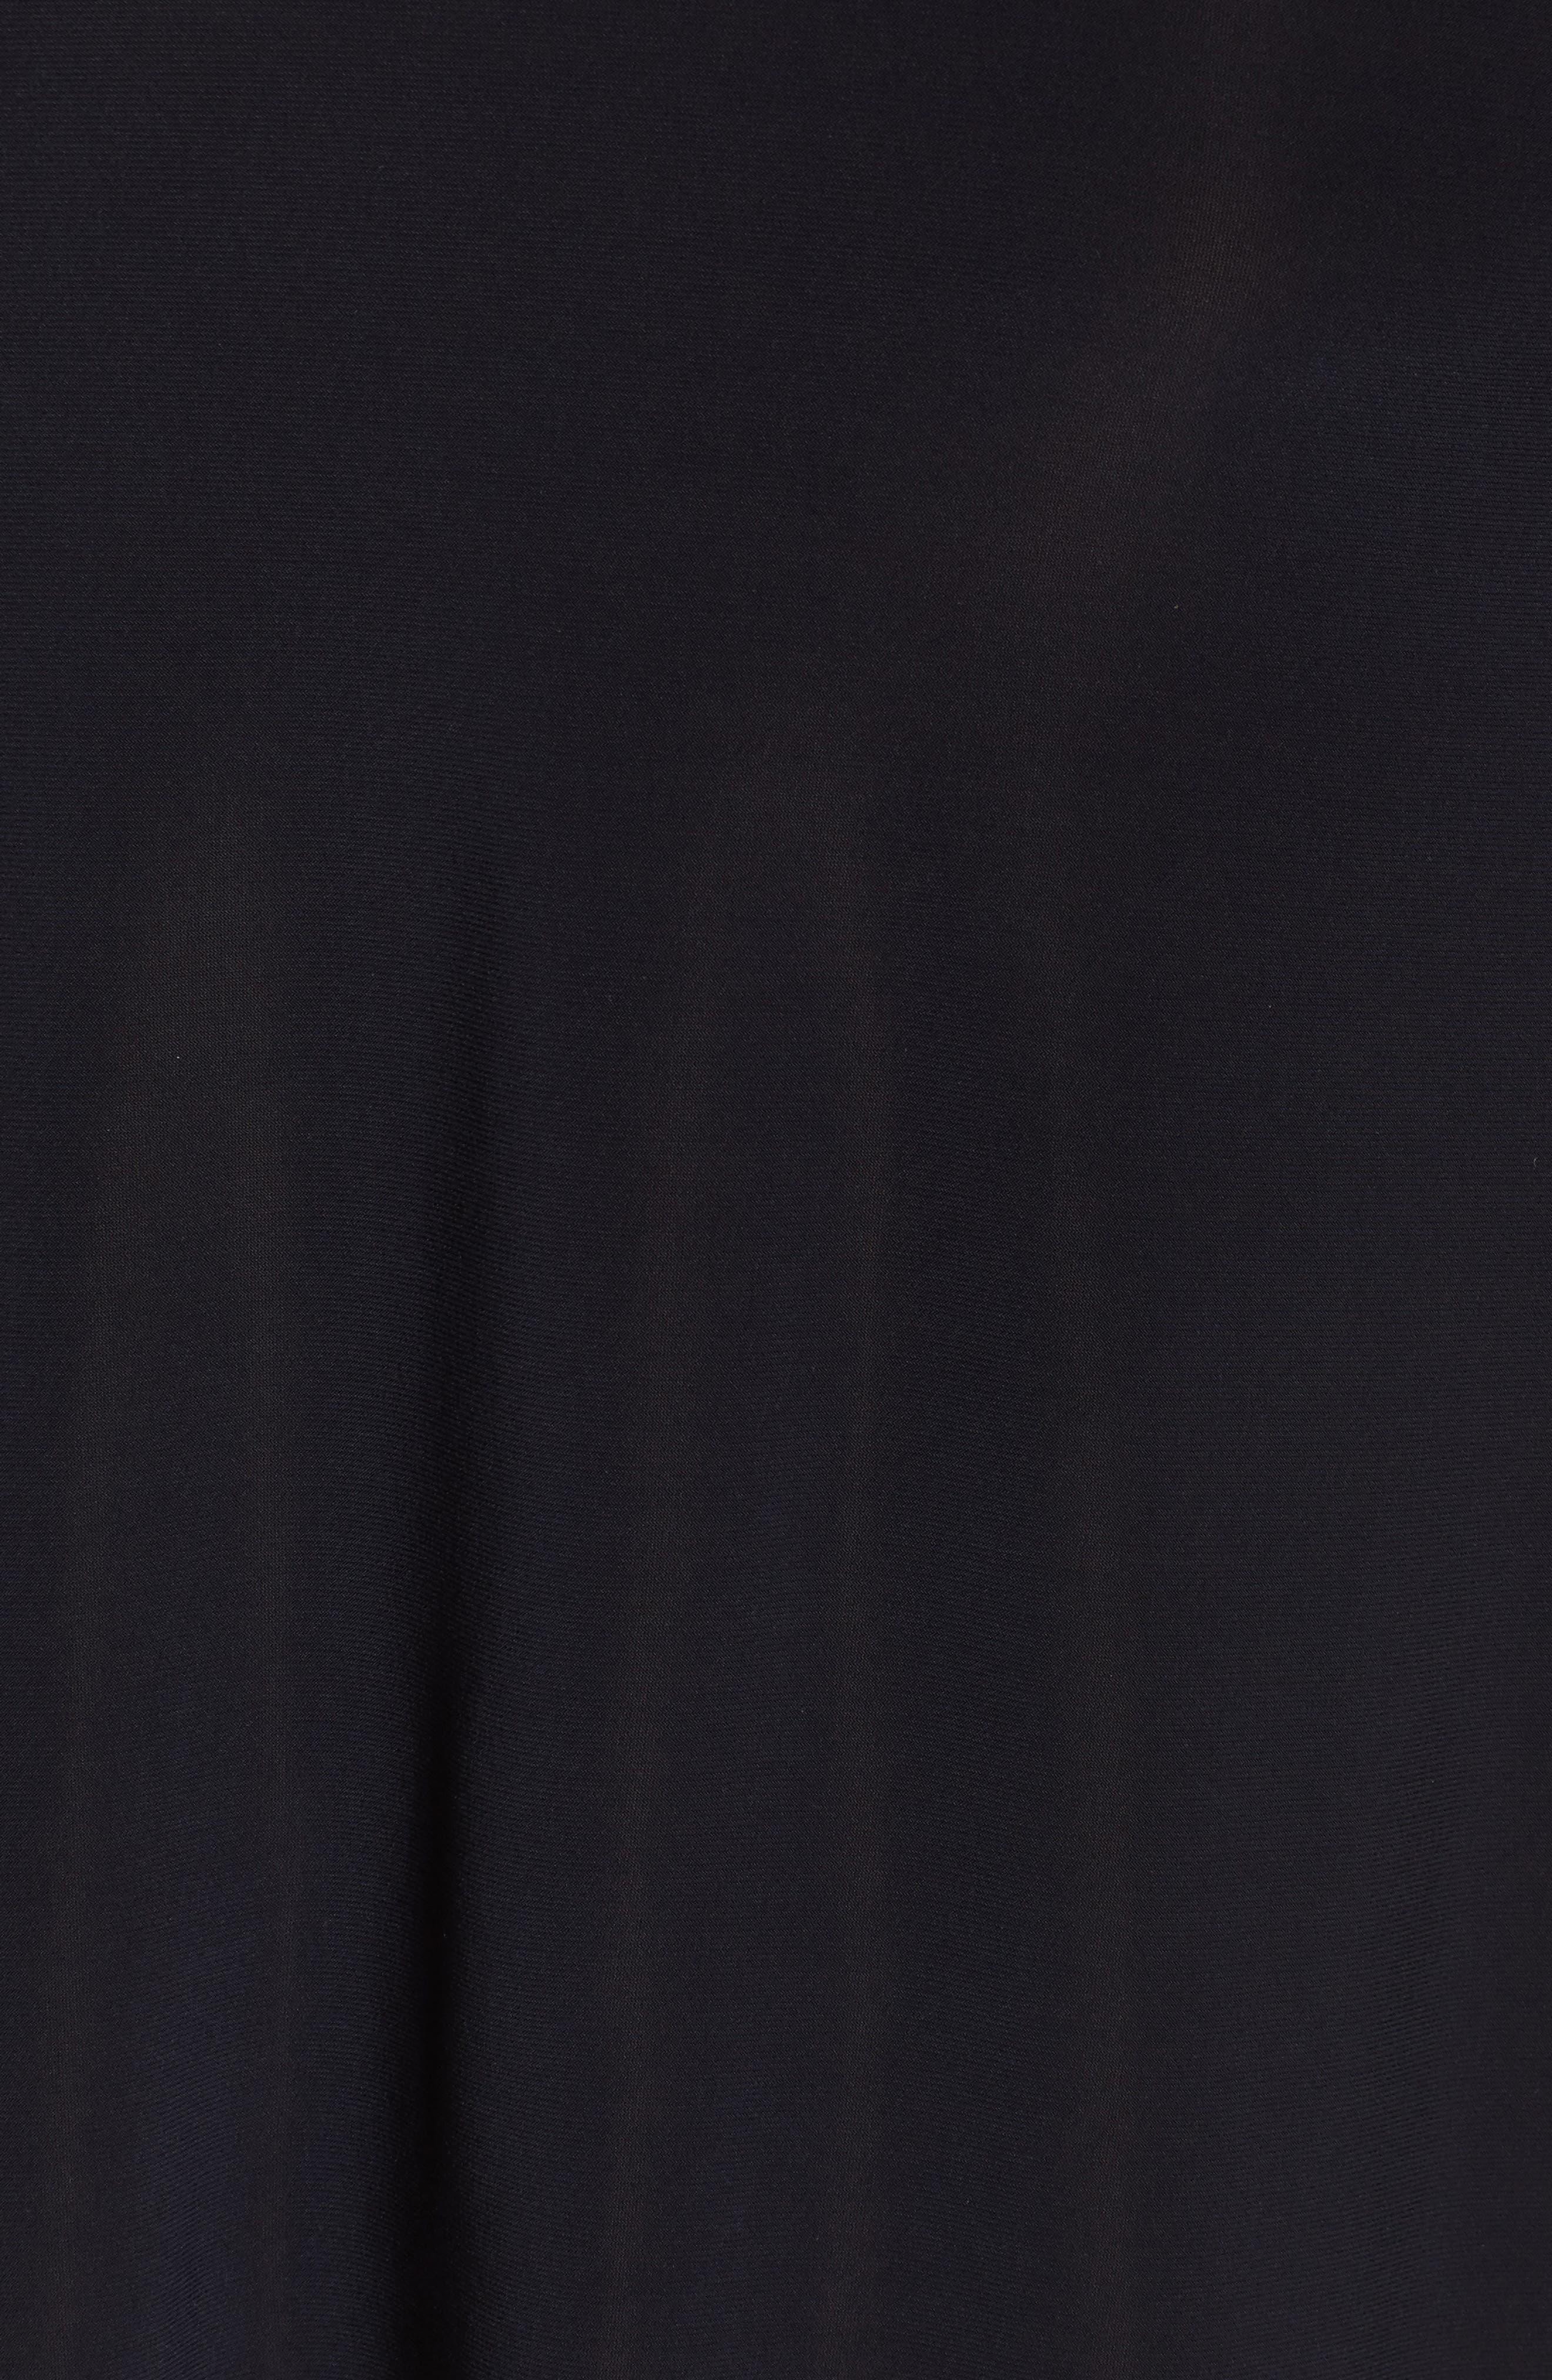 Kris Tankini Top,                             Alternate thumbnail 5, color,                             001